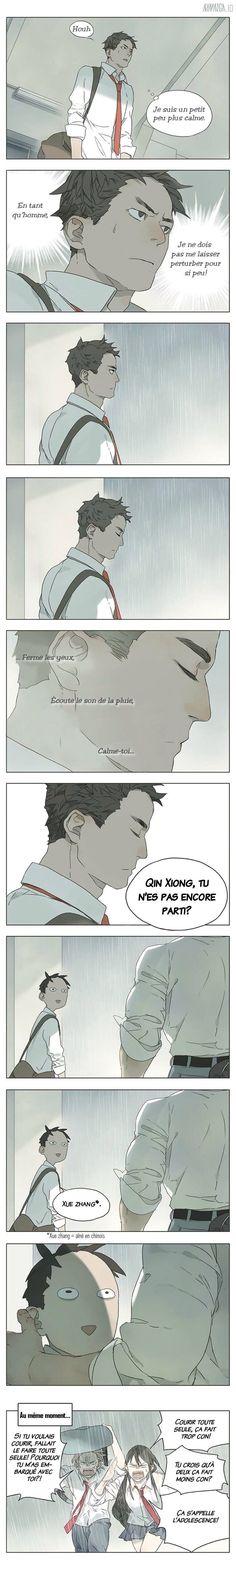 Tamen de Gushi: Chapitre 3 - Page 10